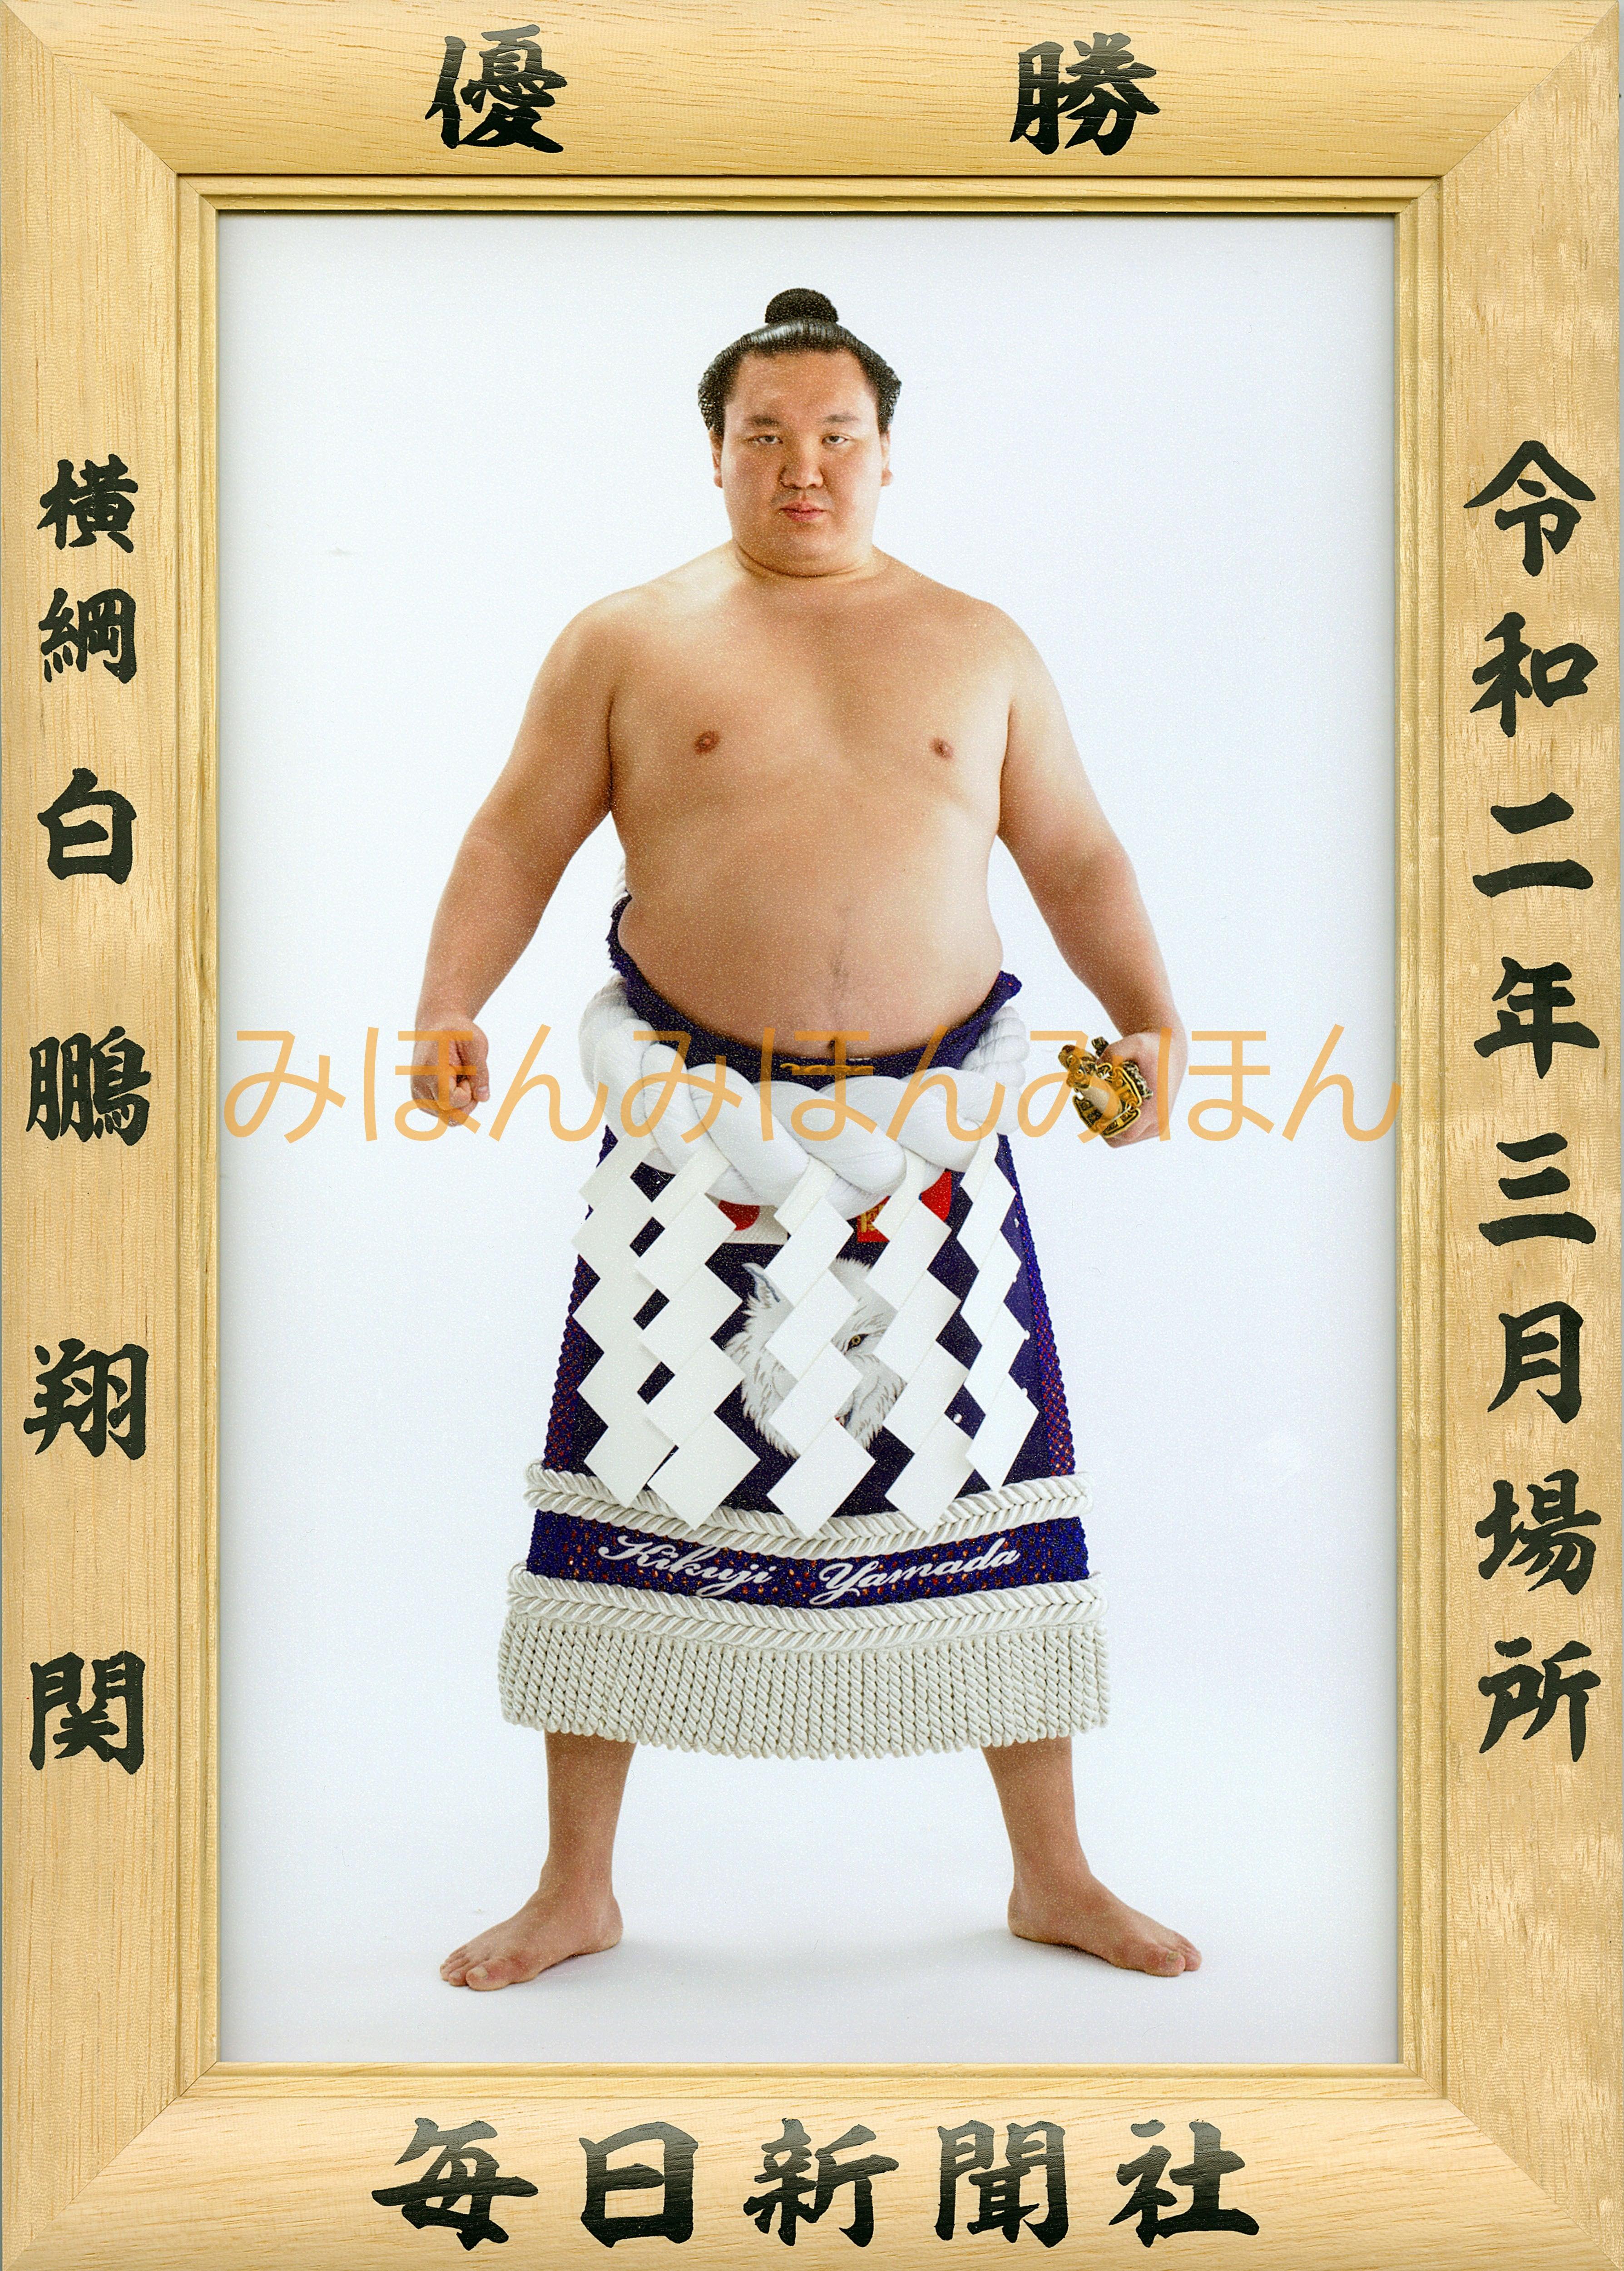 令和2(2020)年3月場所優勝 横綱 白鵬翔関(44回目の優勝)